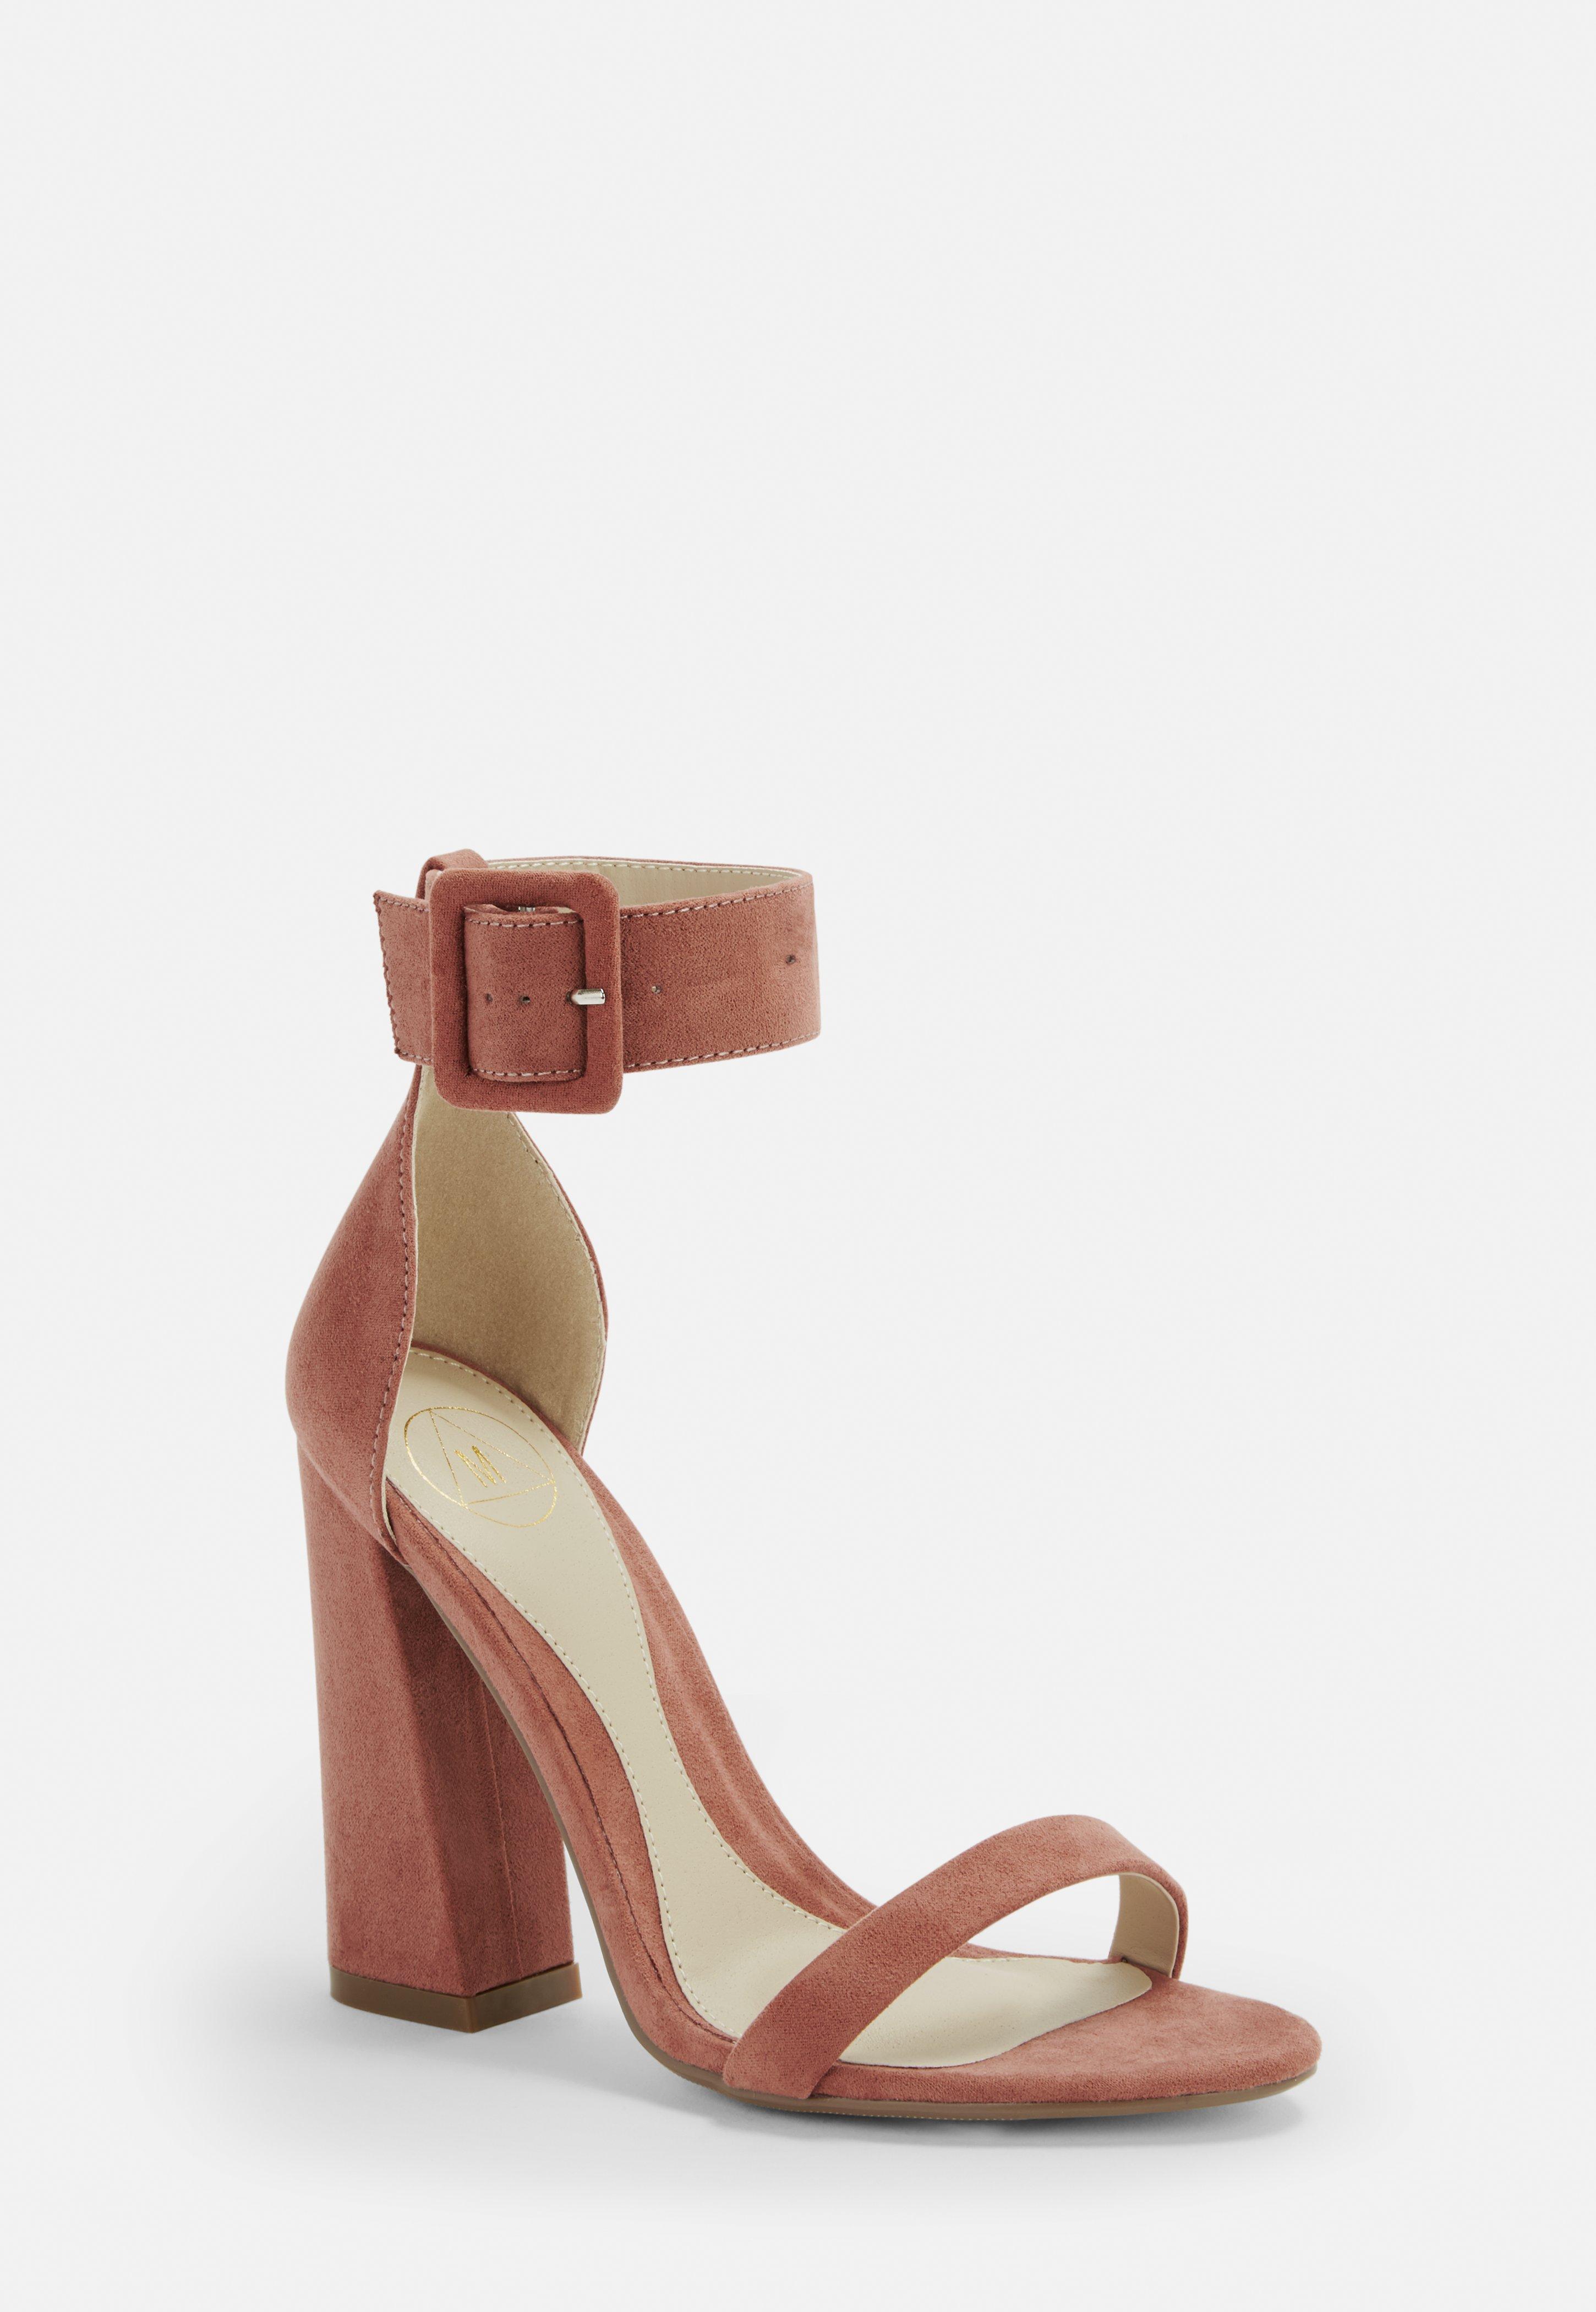 4836a0cd4a8b Heeled Sandals